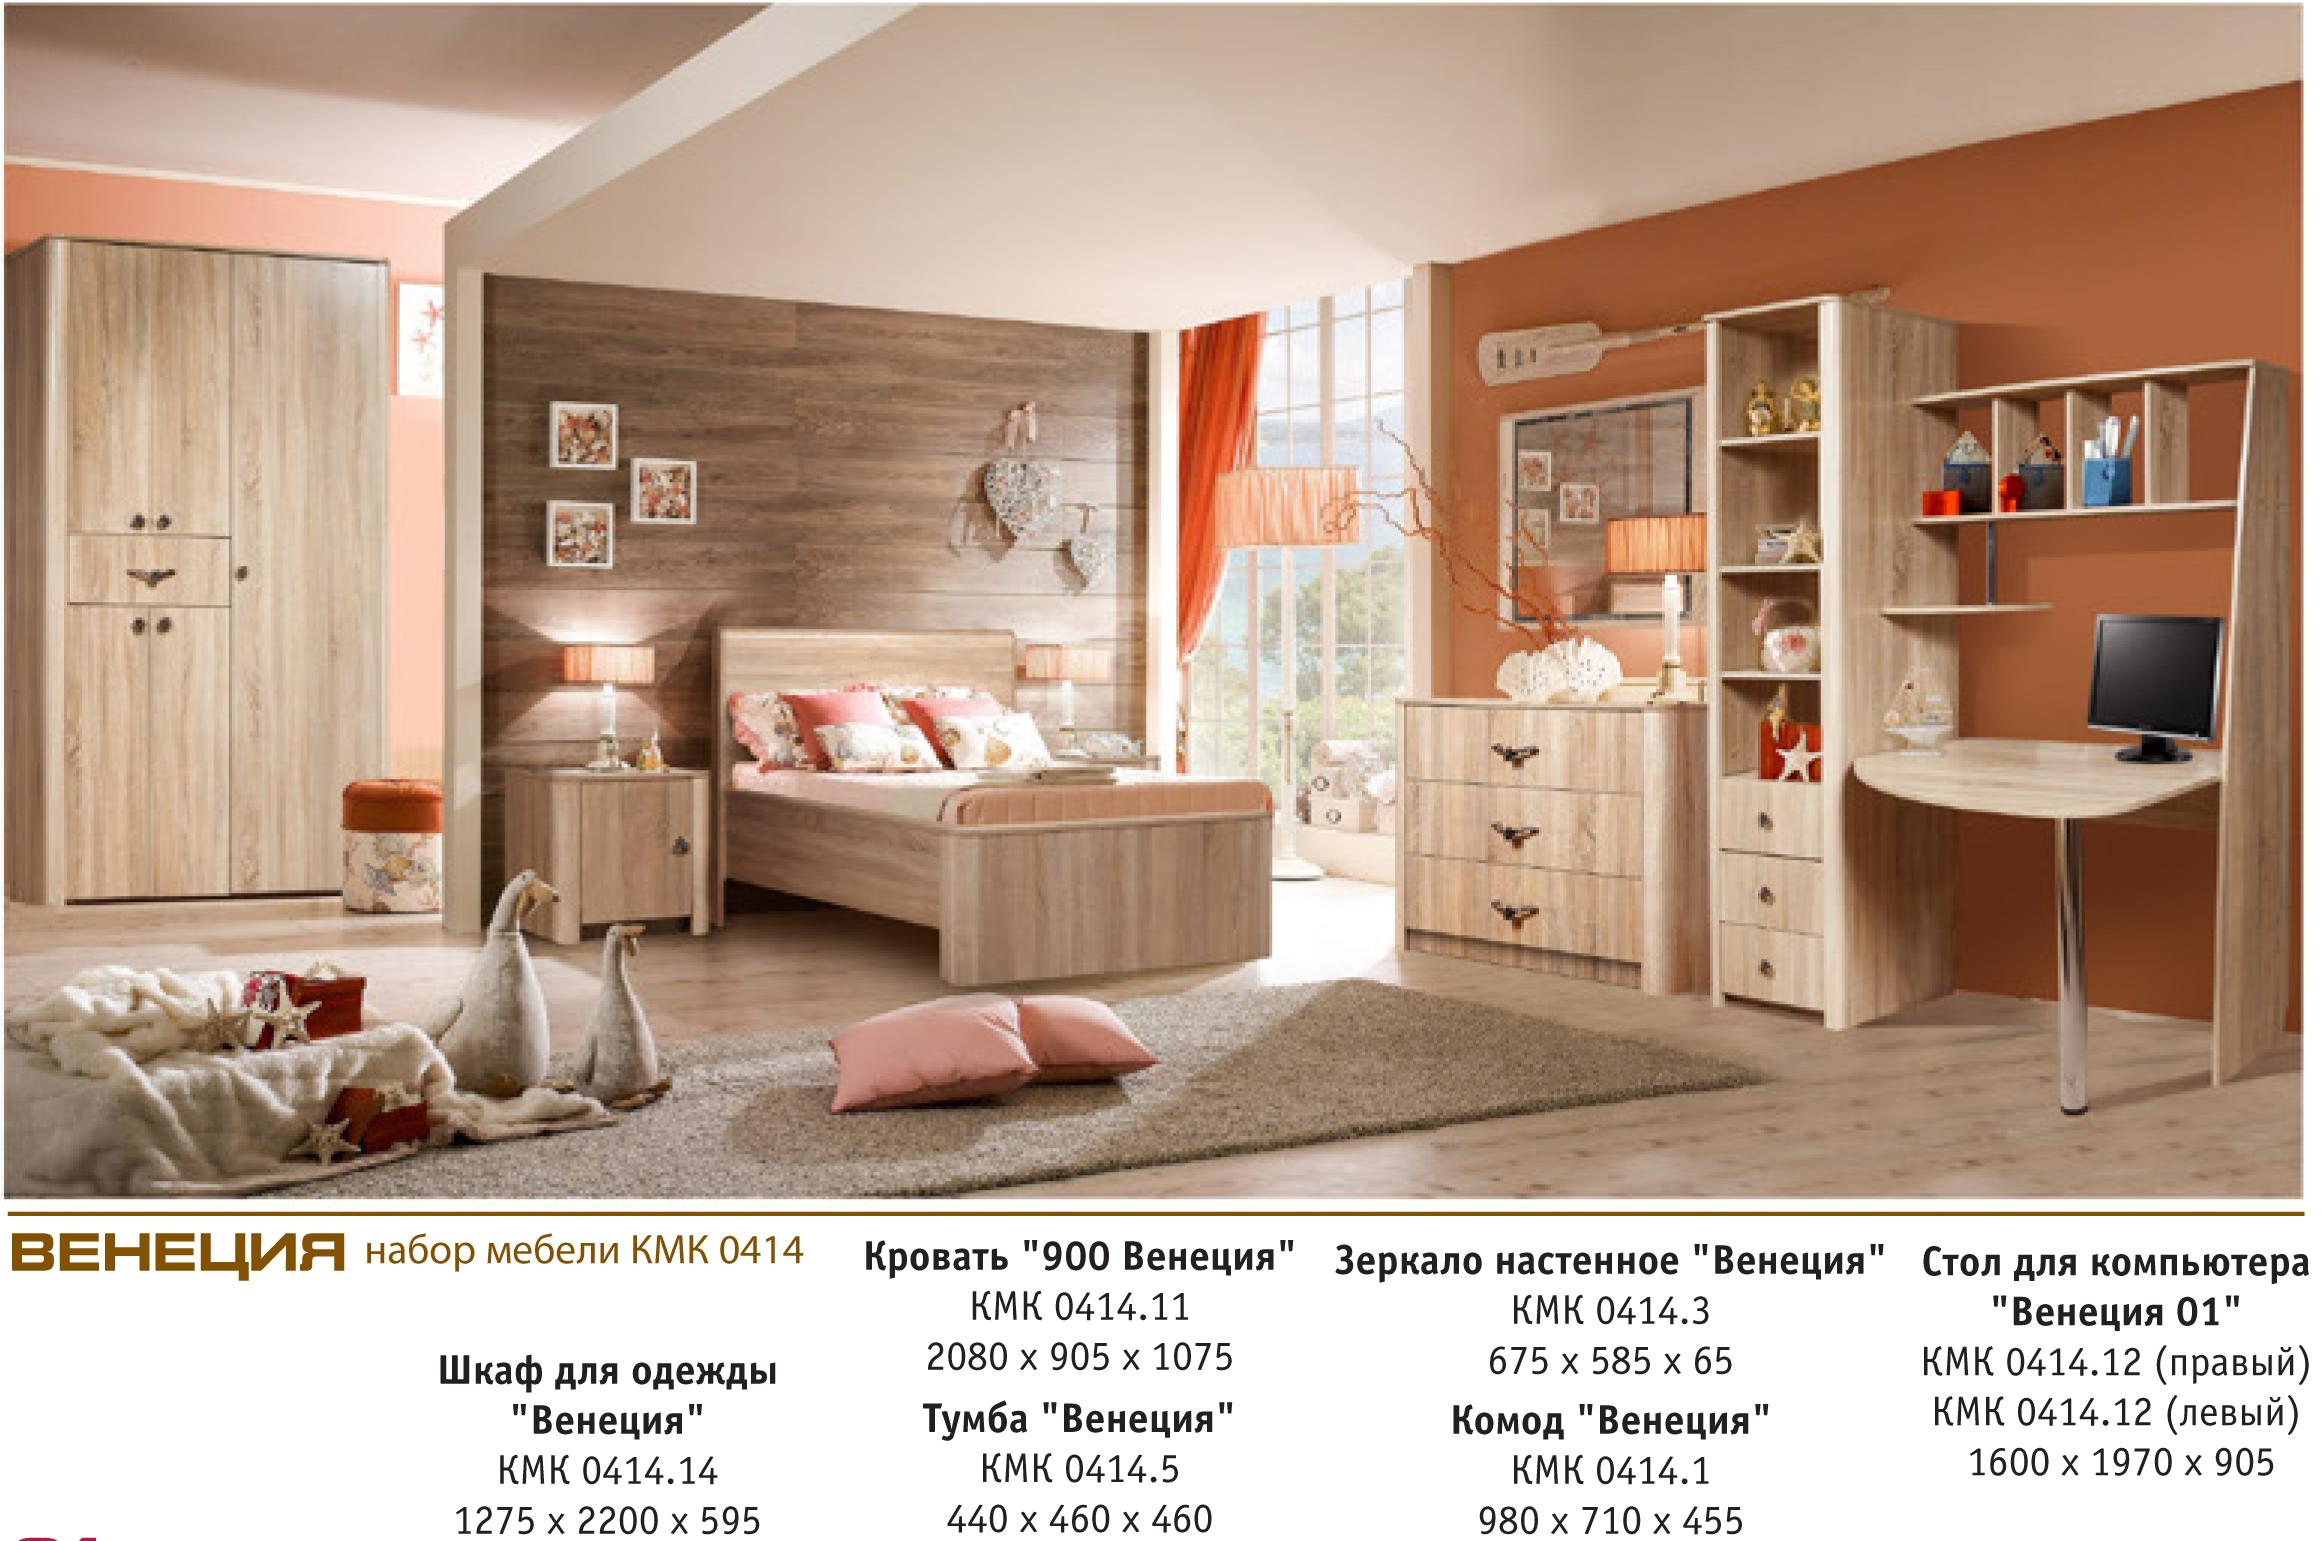 Сбор заказов. Мебель от эконом до премиум класса. Для гостиной, спальни, столовой, детской, прихожей, кухни. Матрасы с различными современными наполнителями. От производителя -13